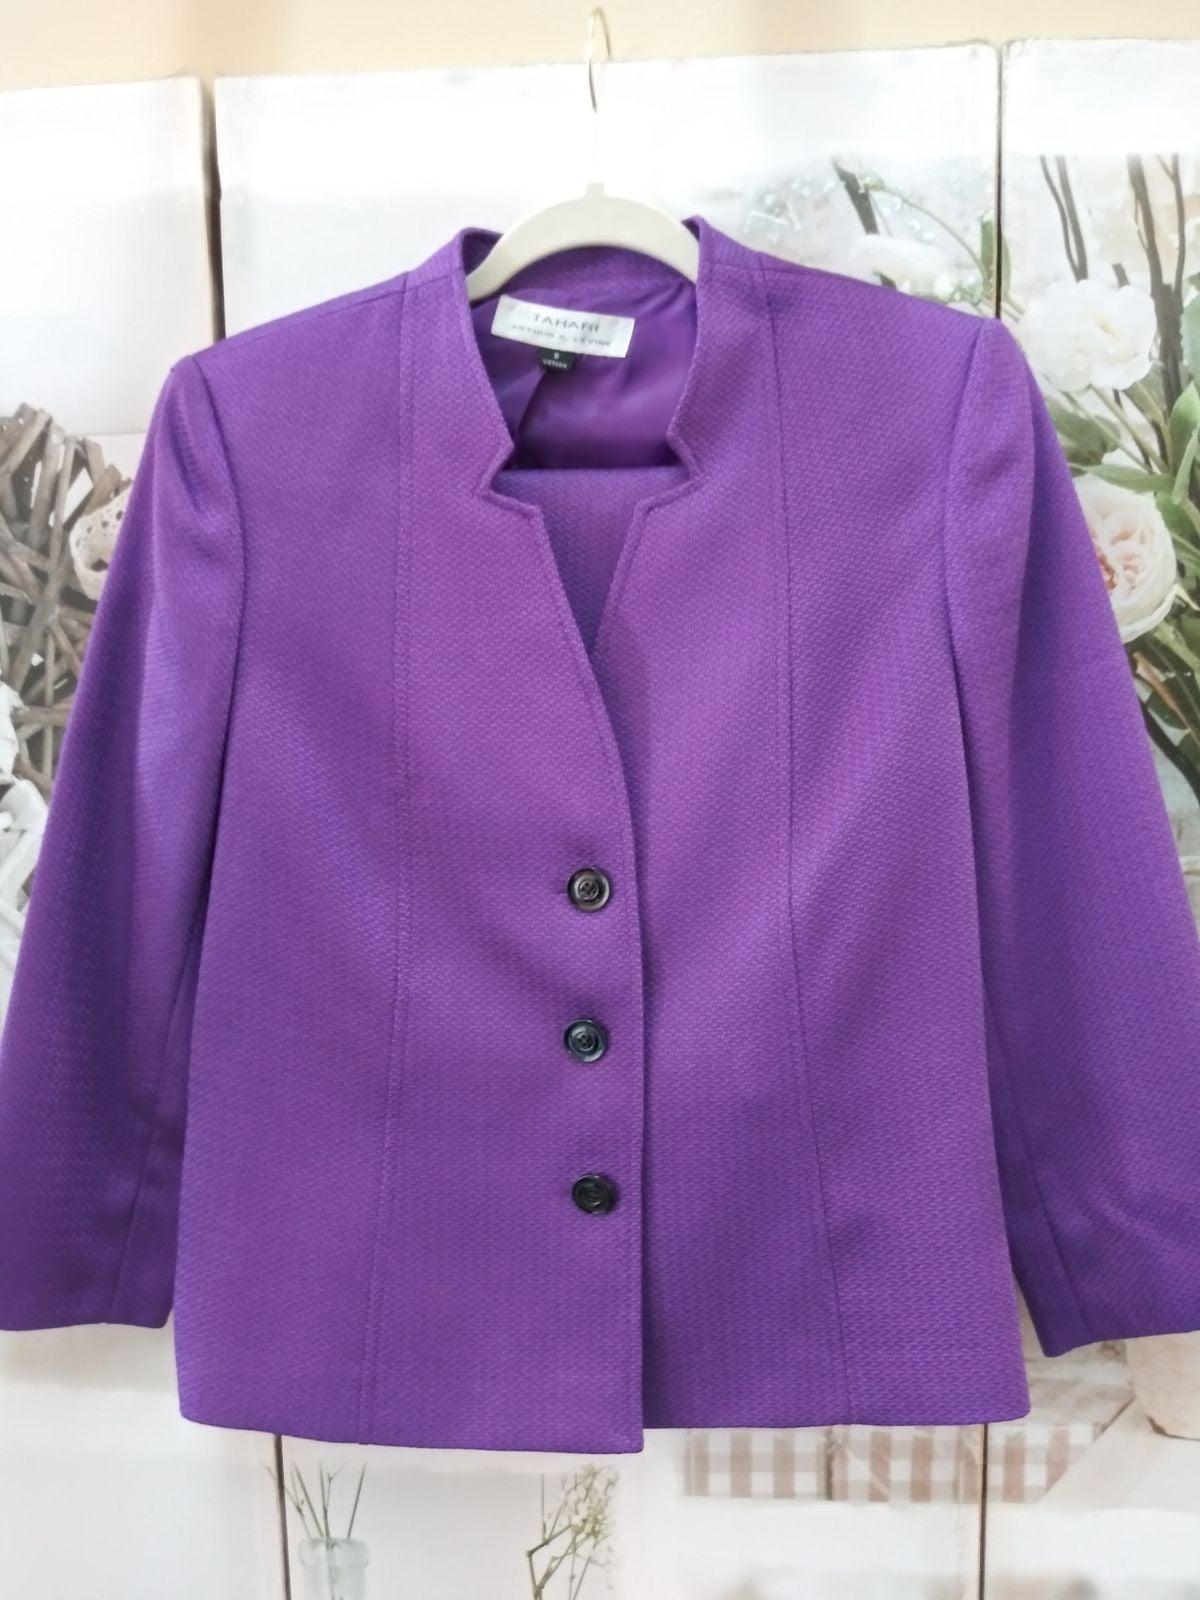 Tahari Skirt Suit Sz. 8 NWOT